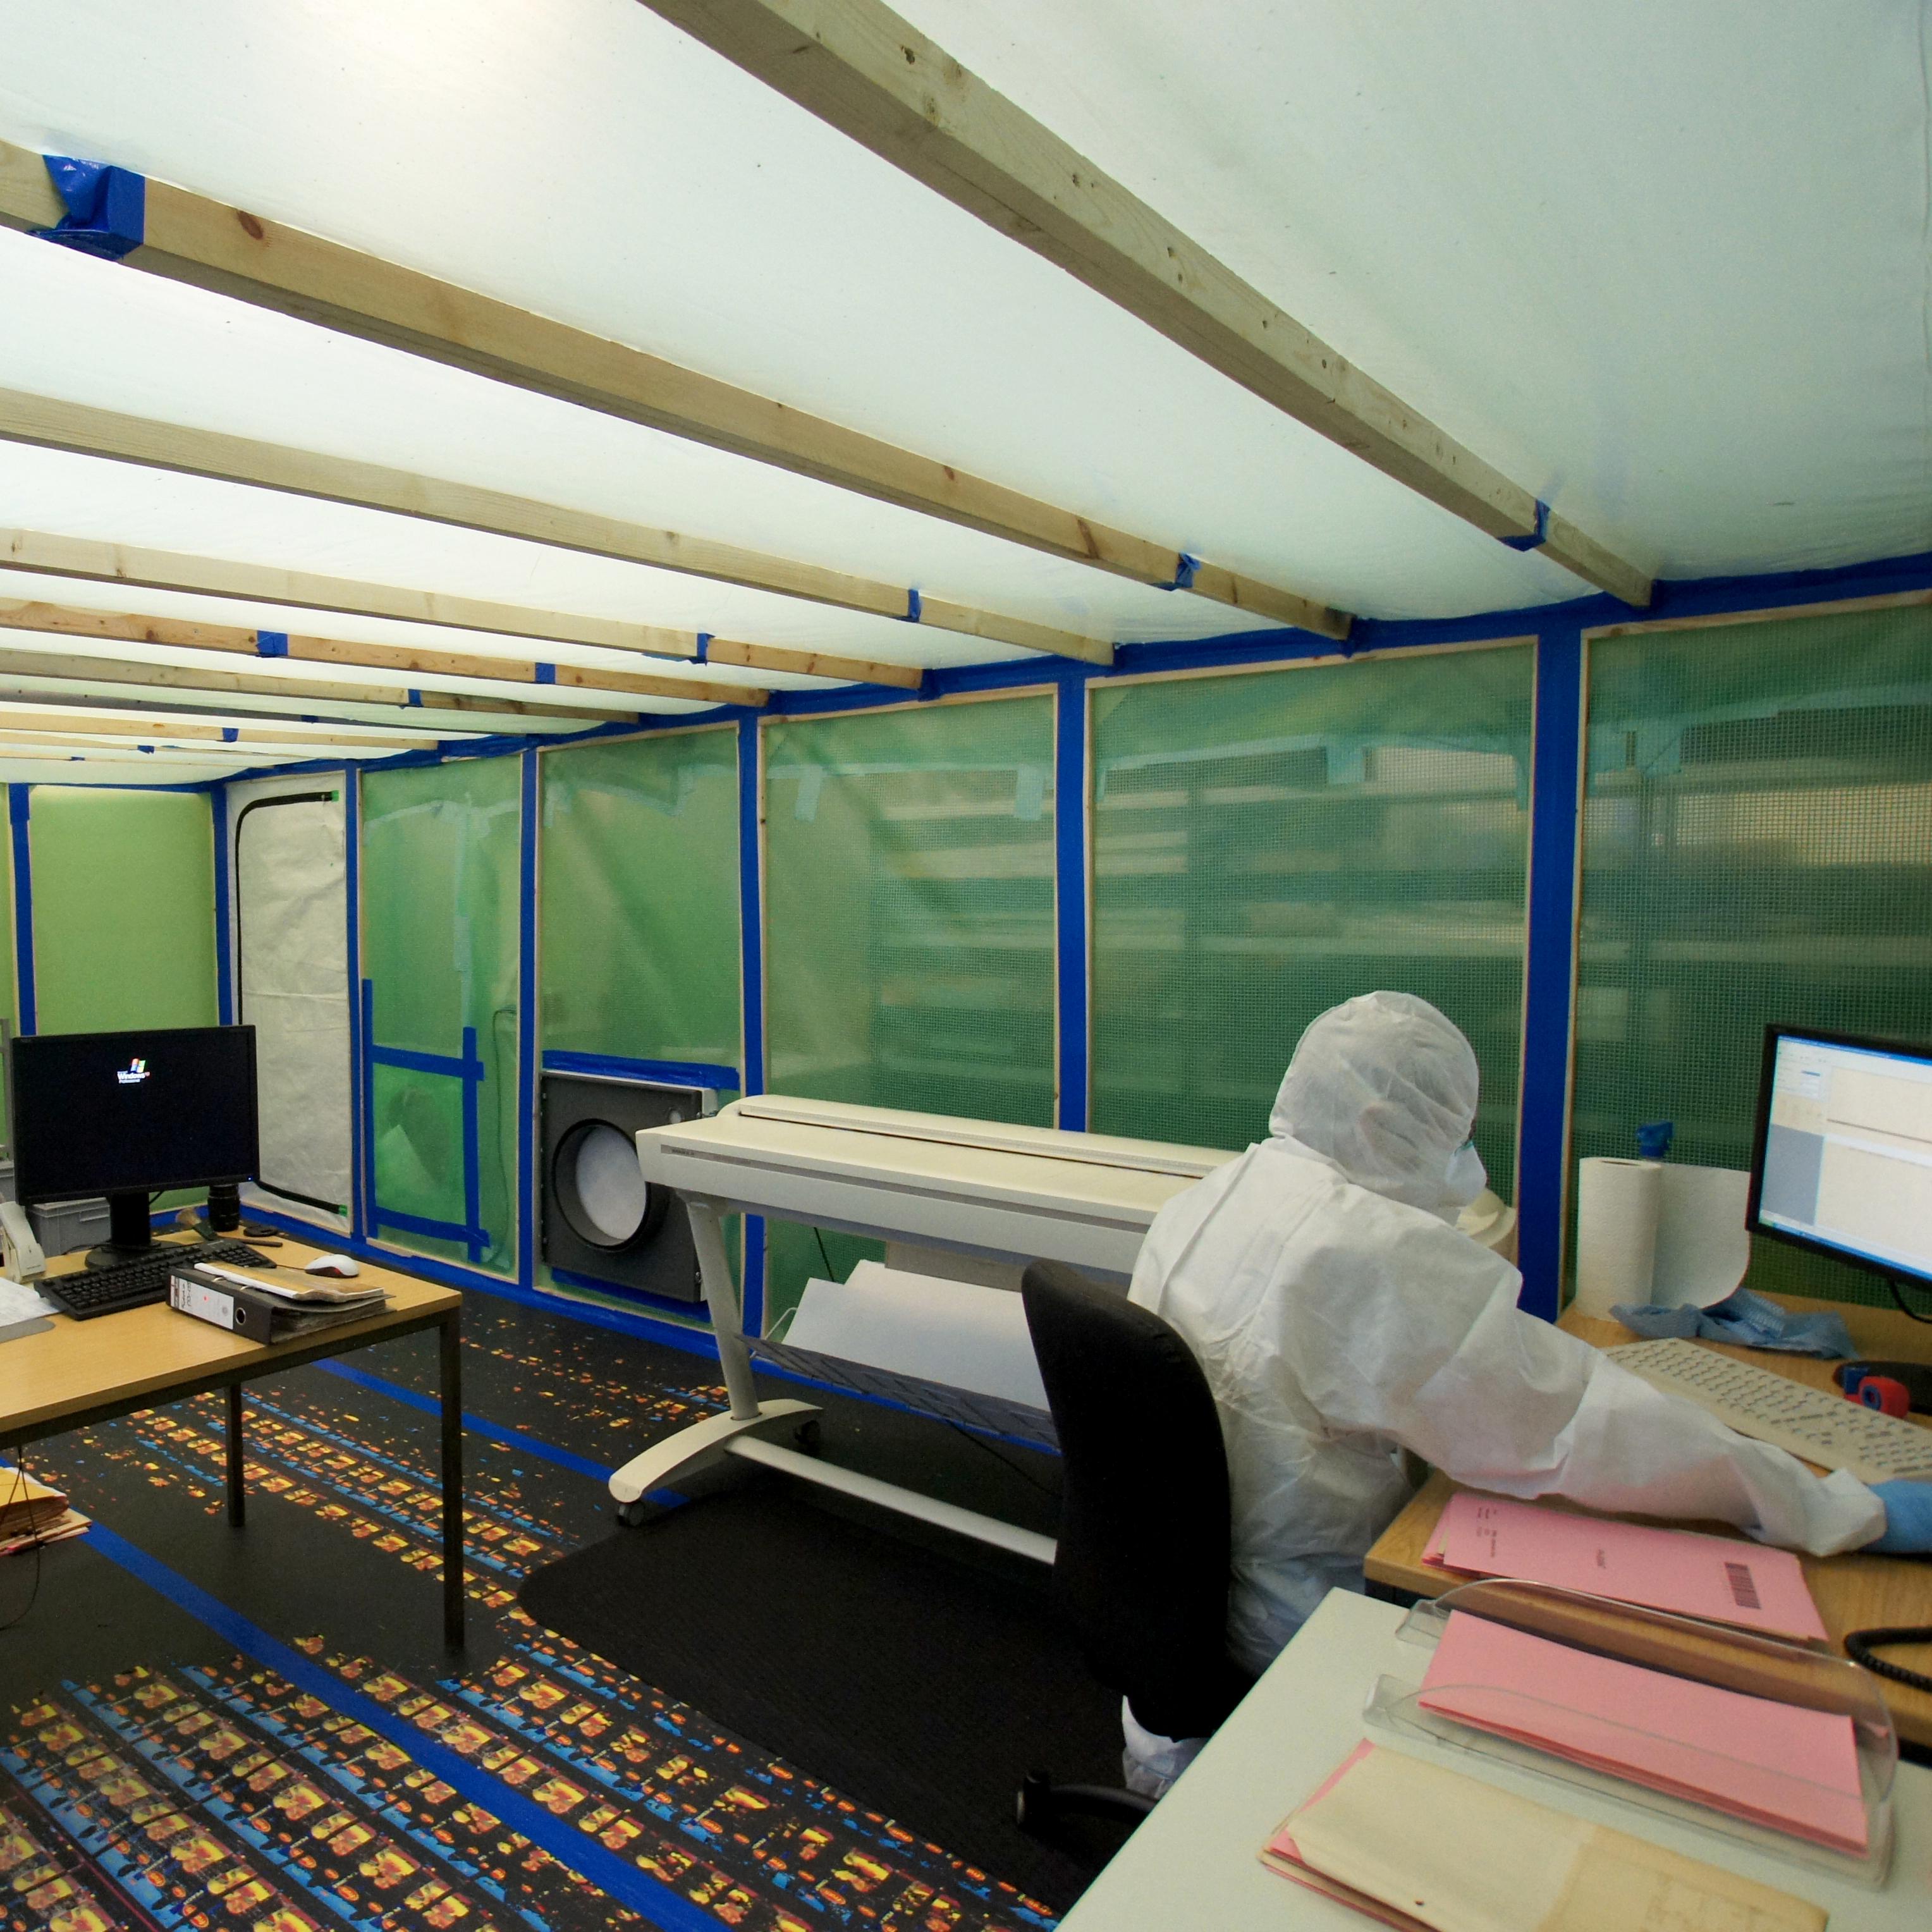 Ansicht eines Schwarzraums mit Arbeitsplätzen zum Digitalisieren schadstoffbelasteter Dokumente